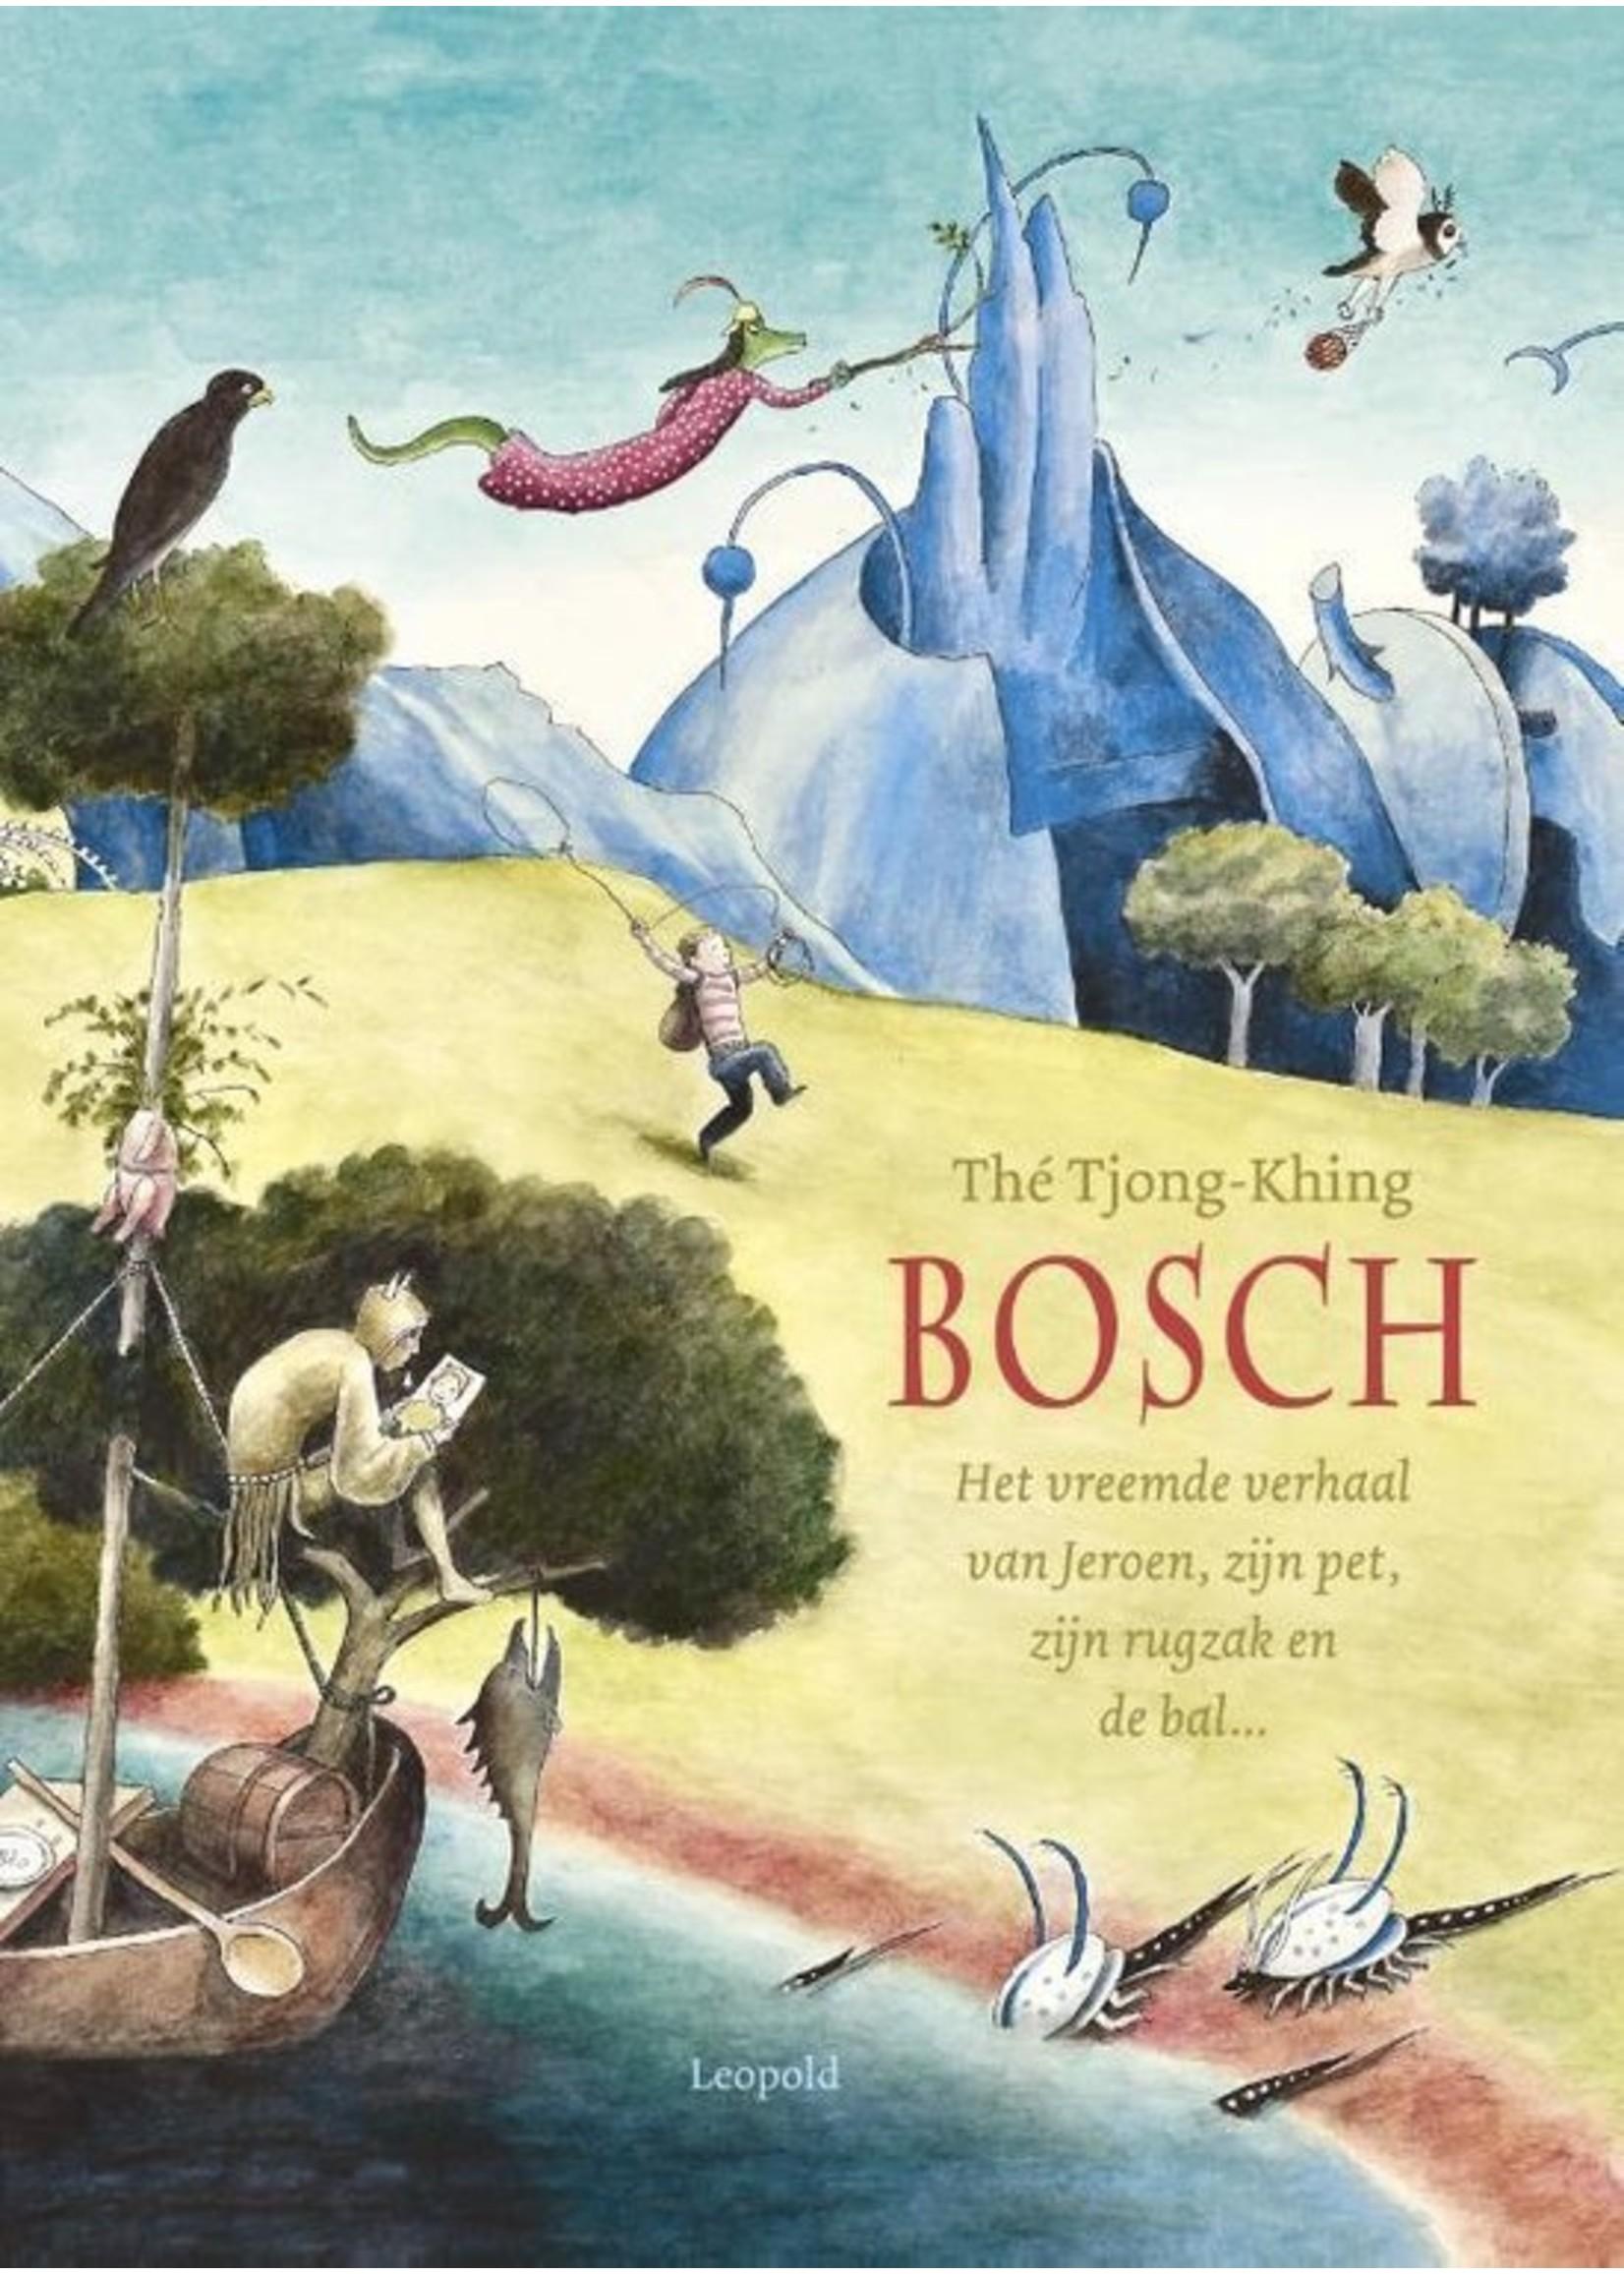 Bosch Thé Tjong Khing